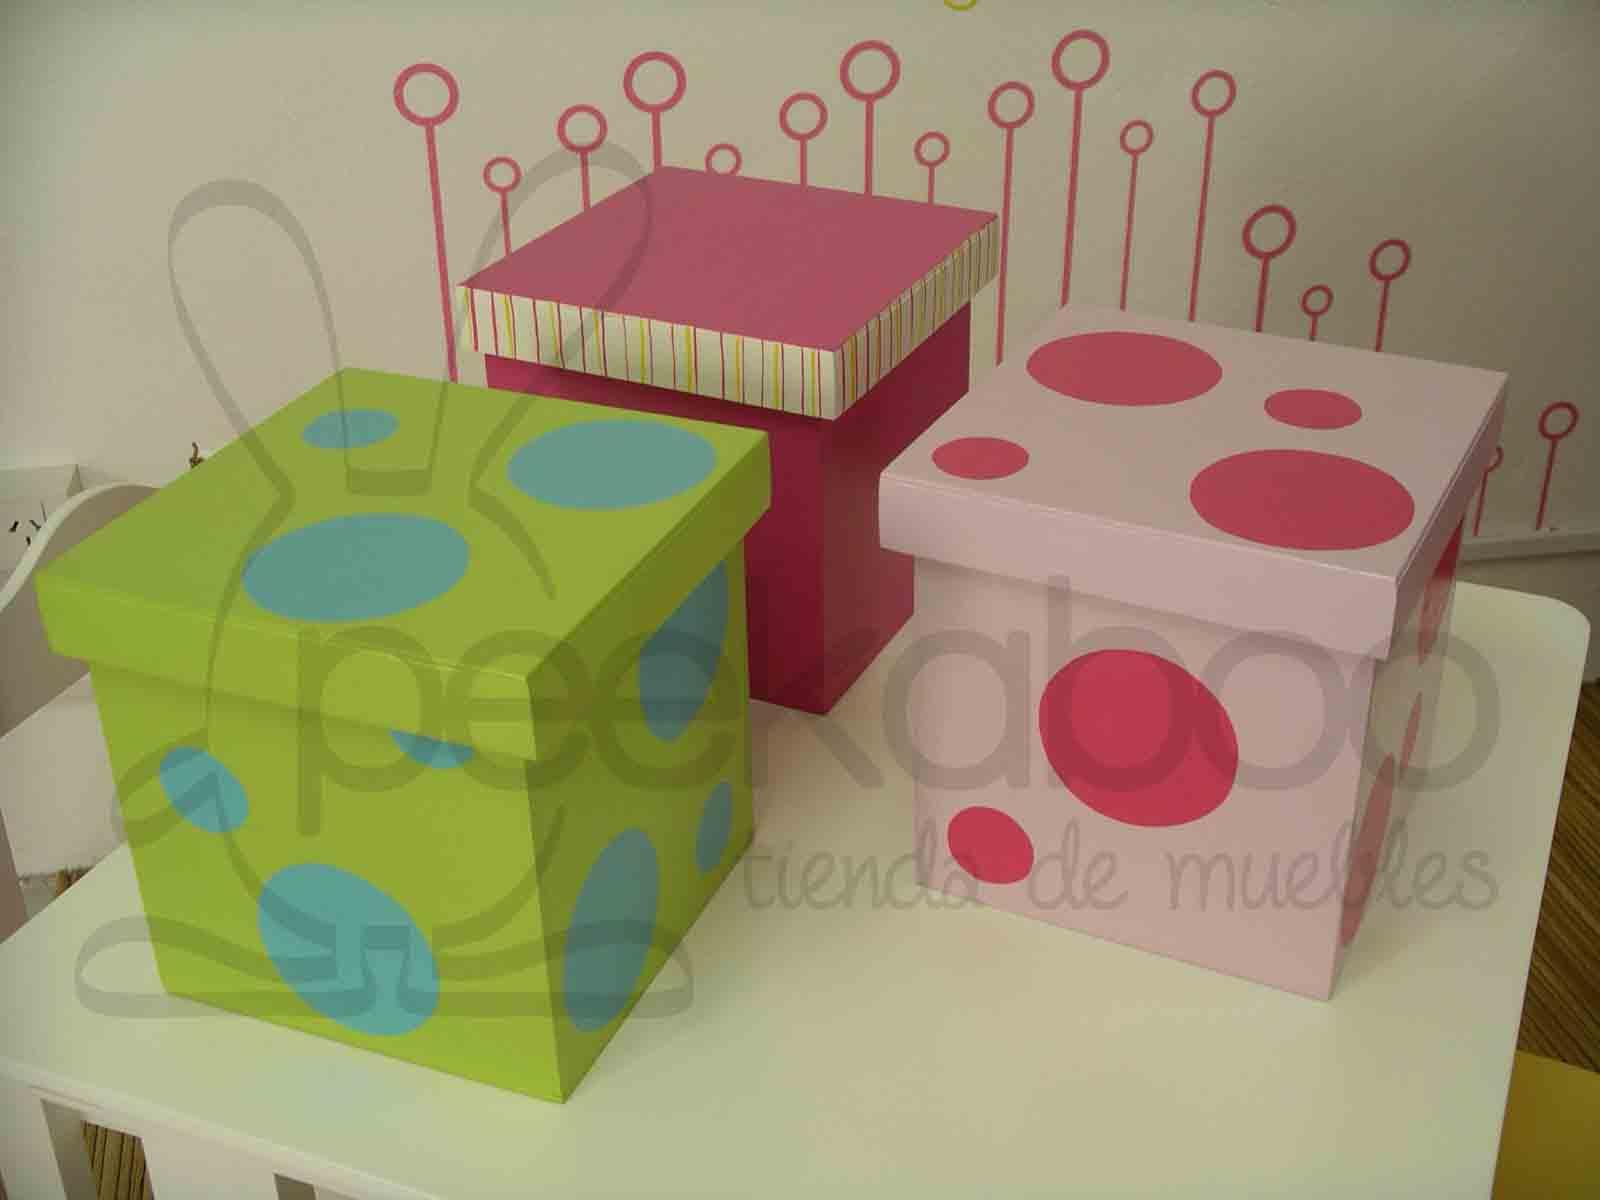 Peekaboo tienda de muebles cajas de madera decoradas infantiles - Cajas infantiles decoradas ...